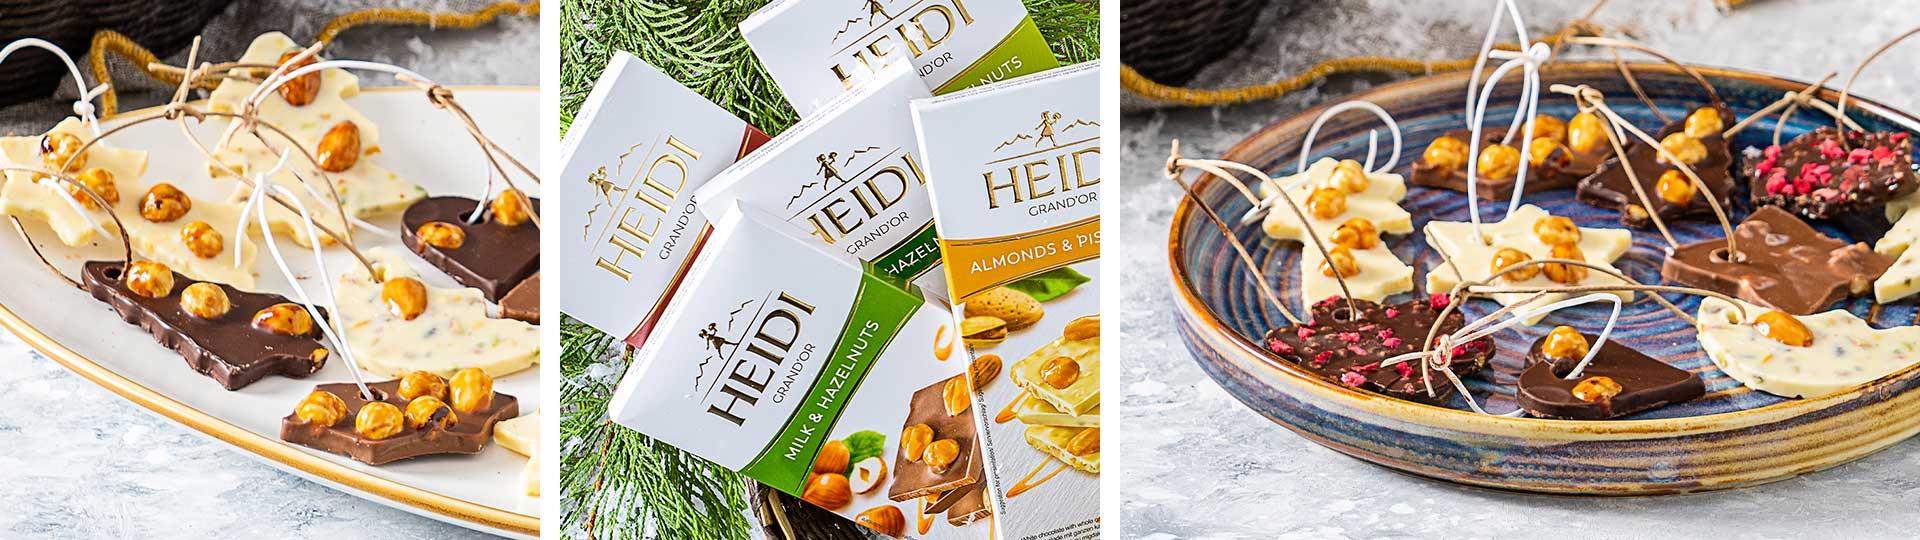 Шоколадови играчки за коледа с Heidi